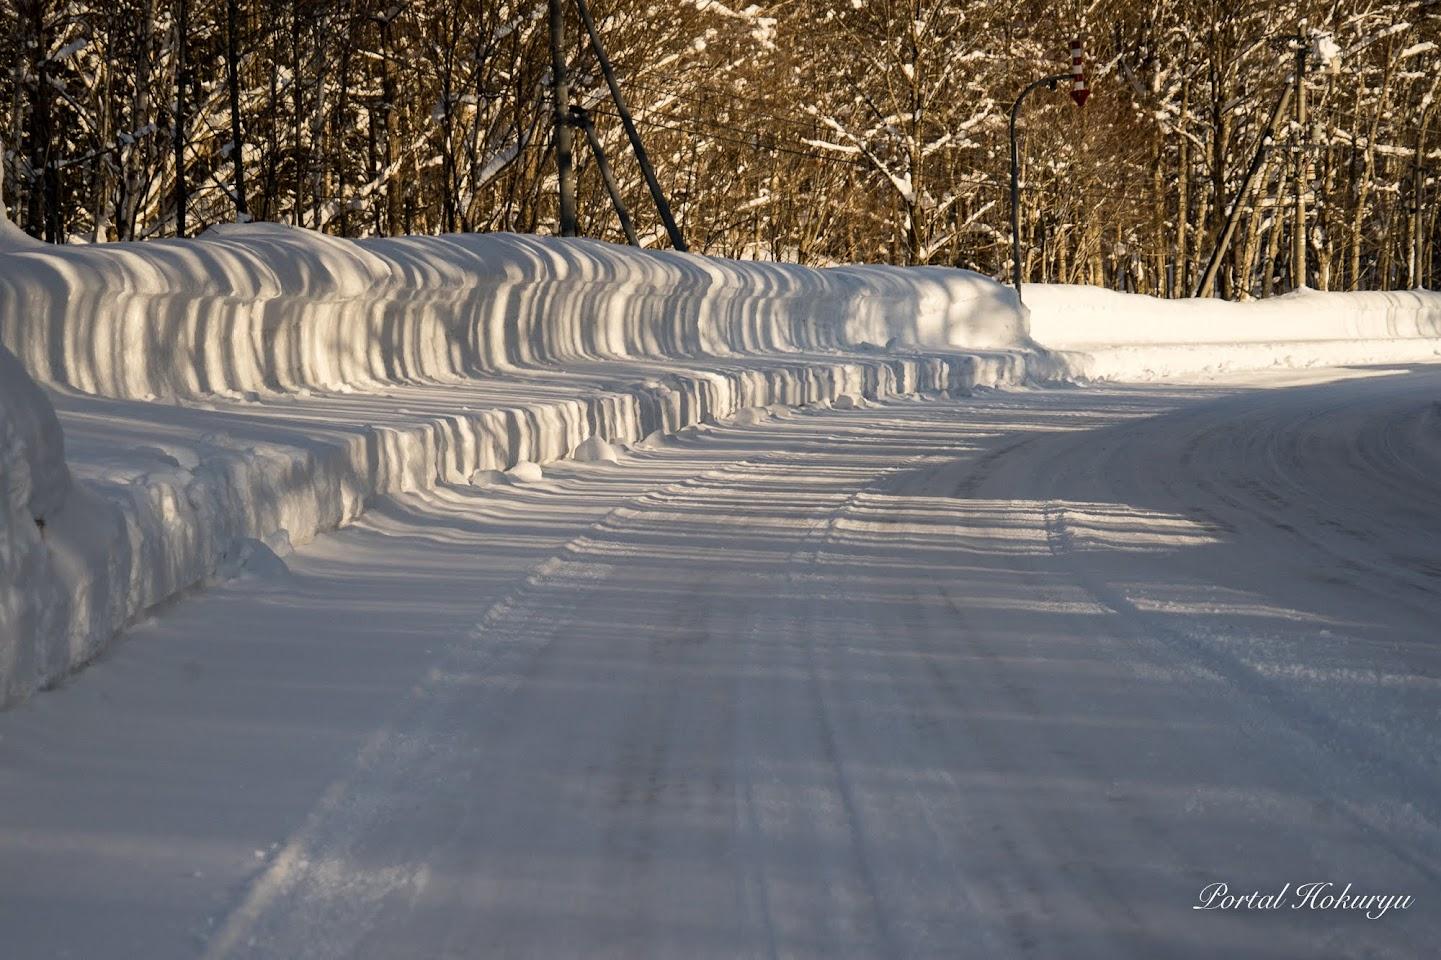 雪壁に映る影模様